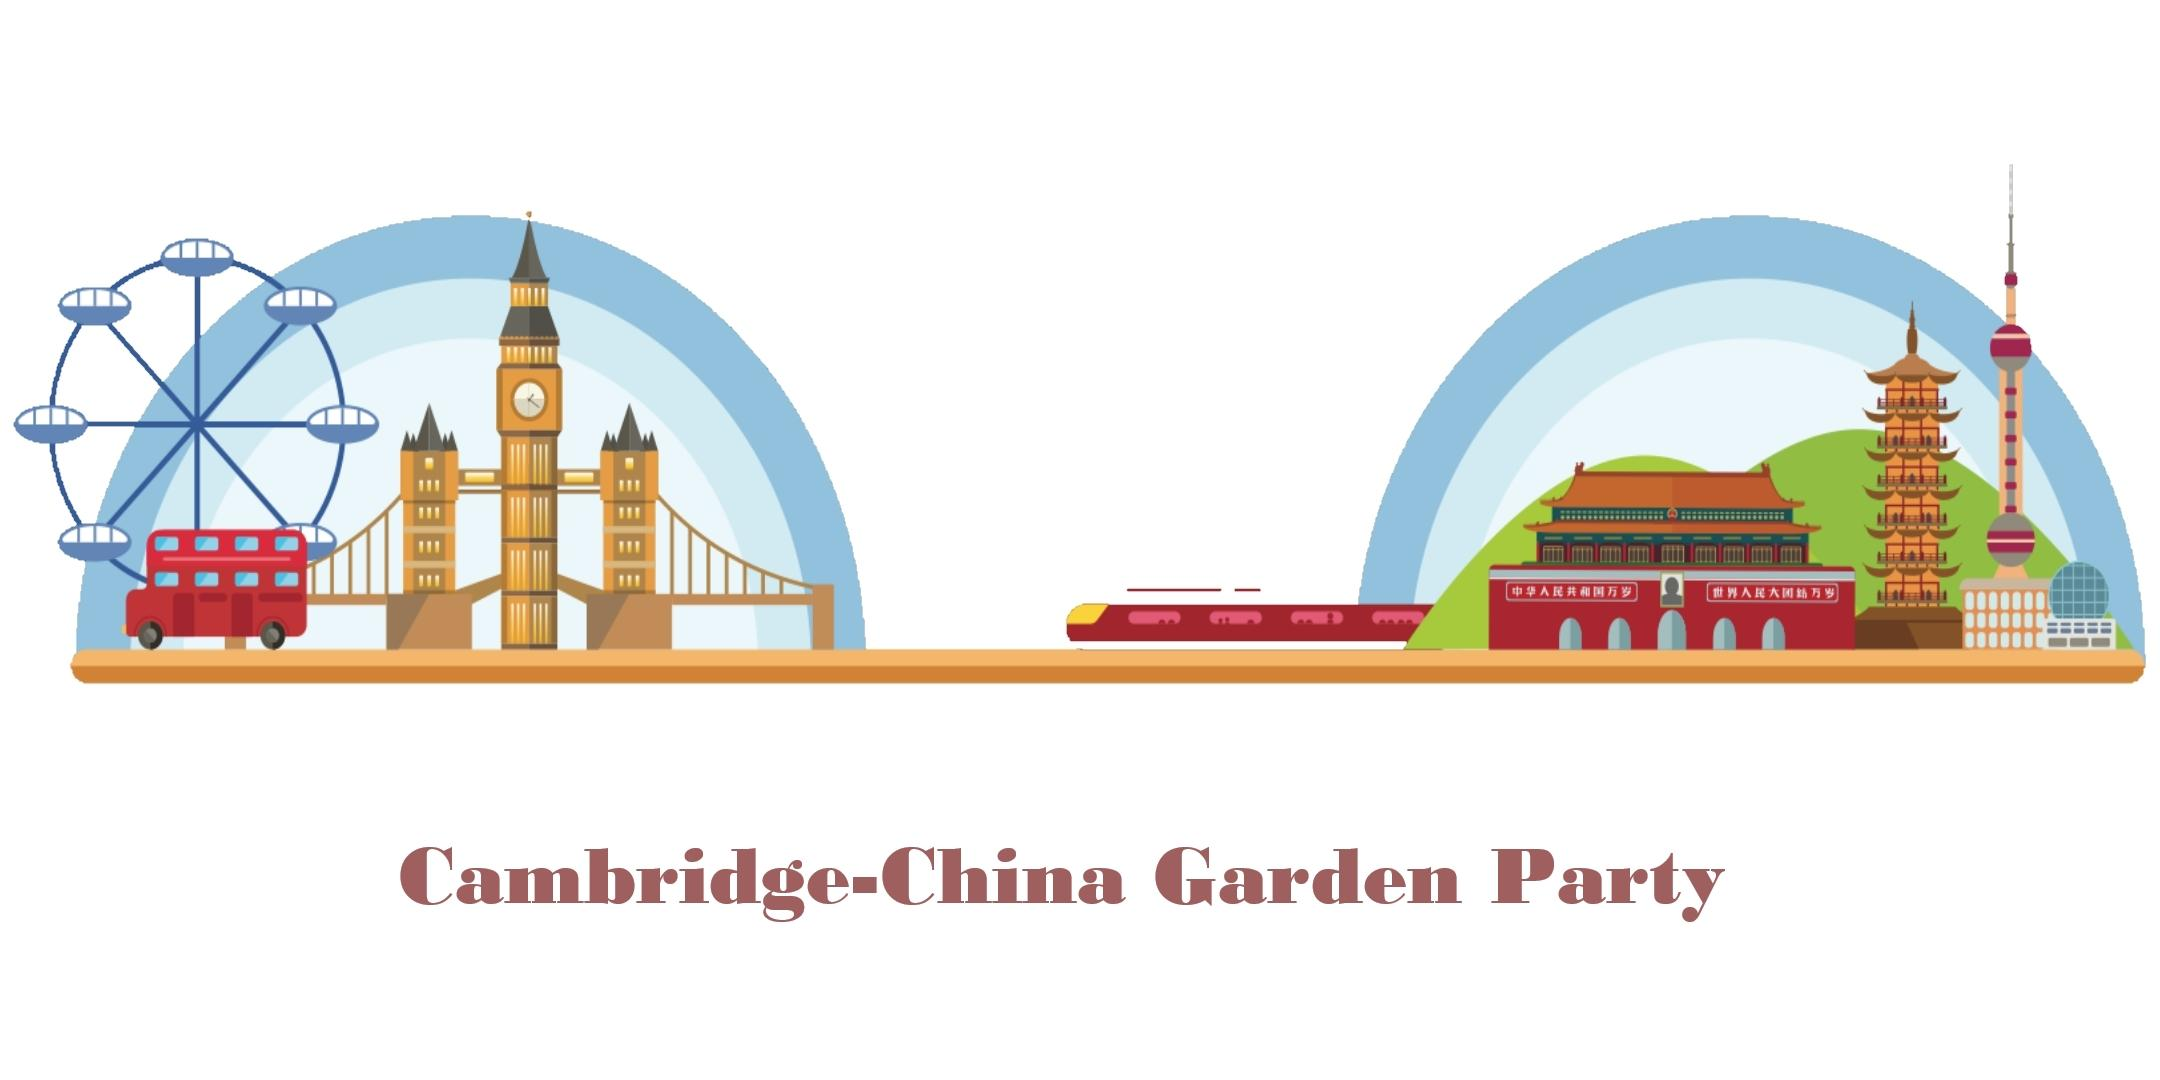 Cambridge-China Garden Party